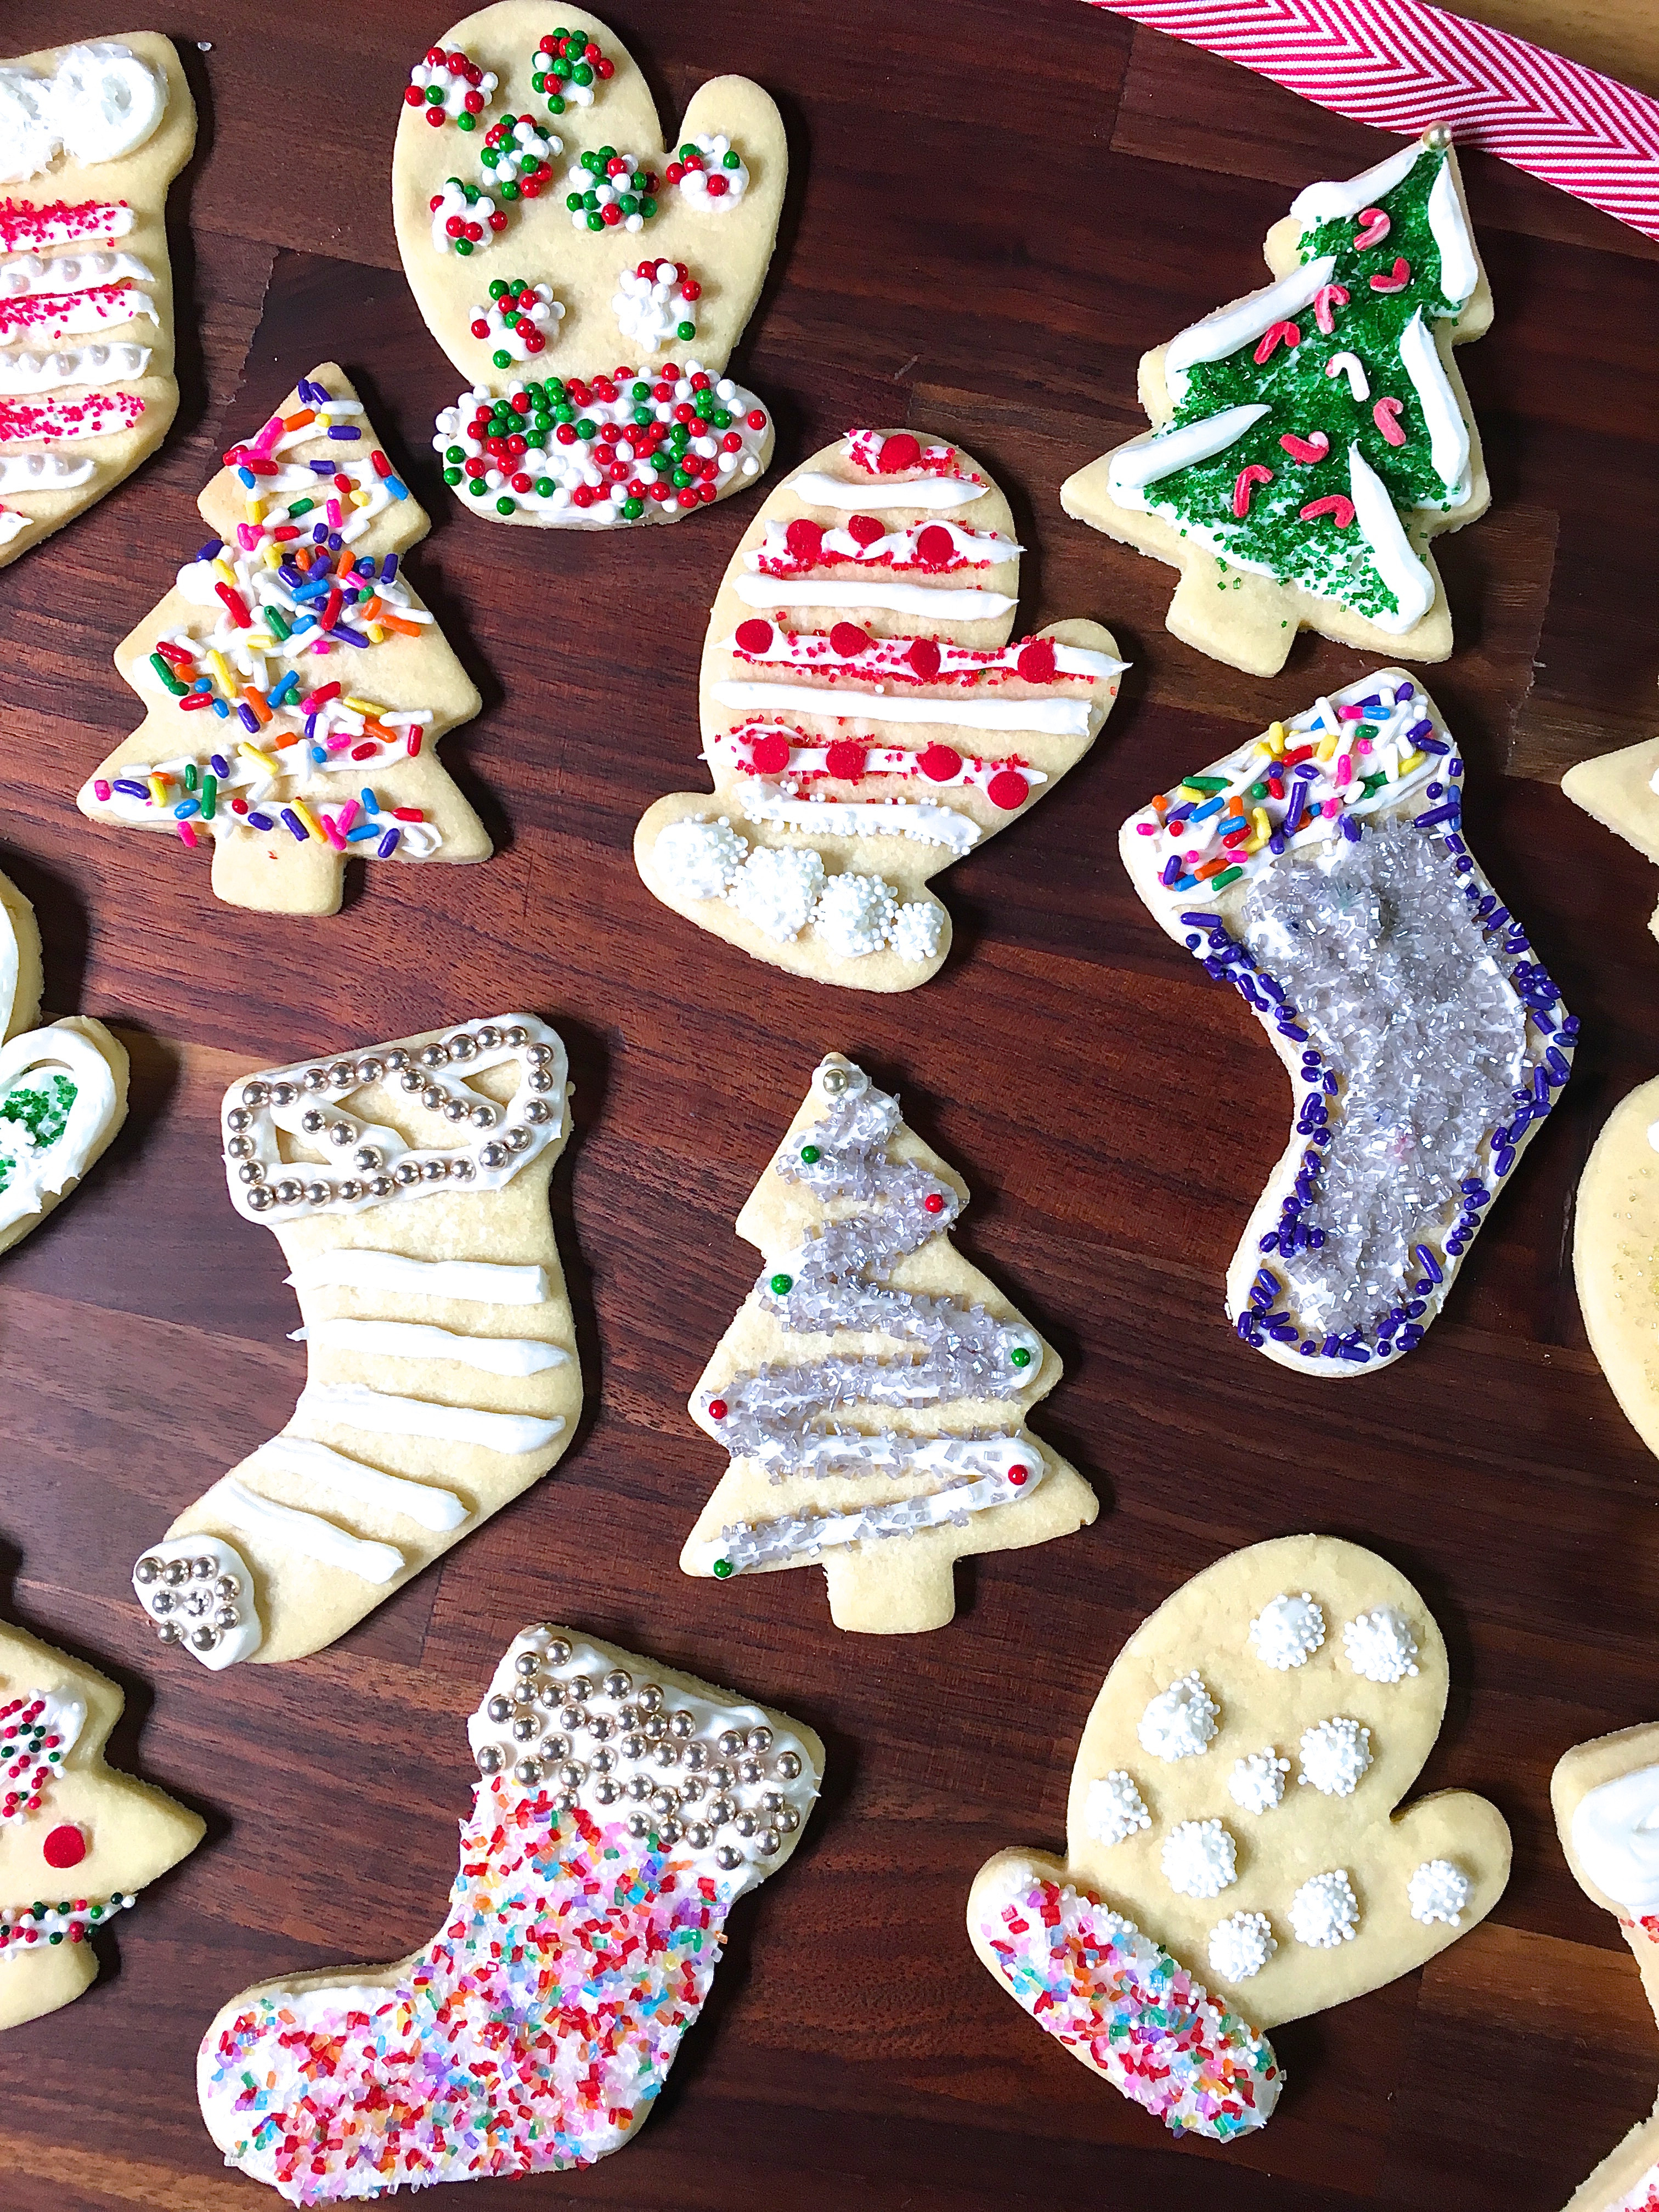 Best Christmas Sugar Cookies  50 Best Christmas Sugar Cookies Recipes for Easy